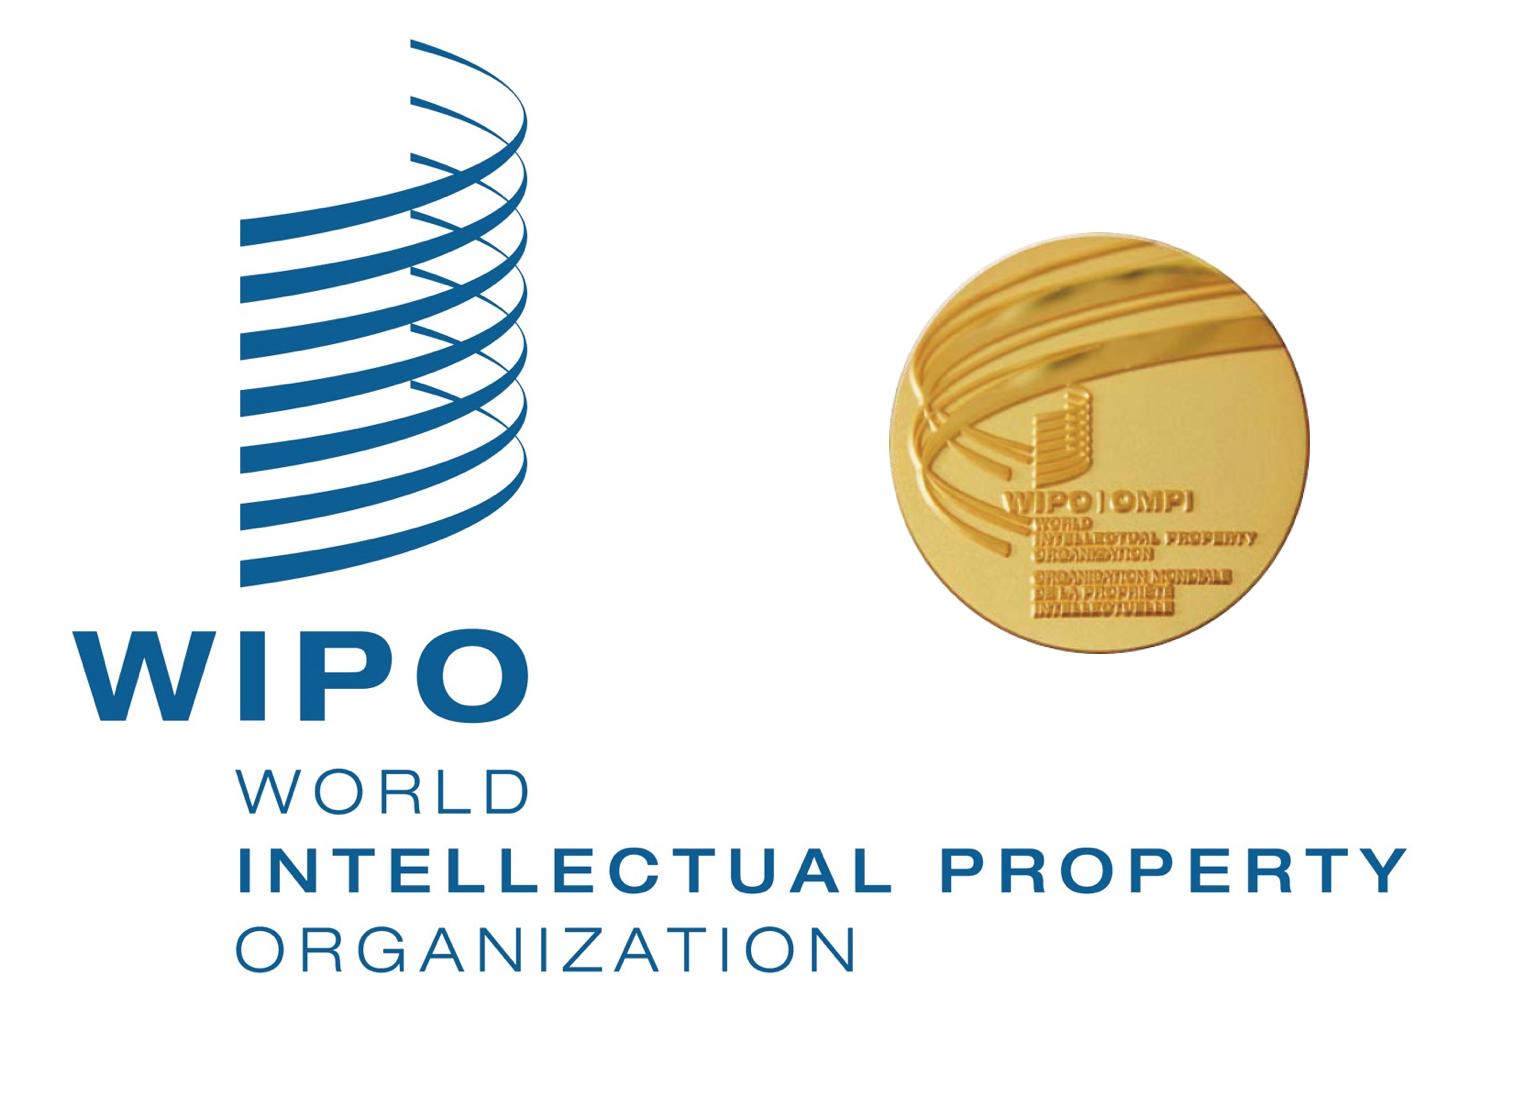 上圖為: 世界智慧財產權組織 ( World Intellectual Property Organization ,簡稱 WIPO